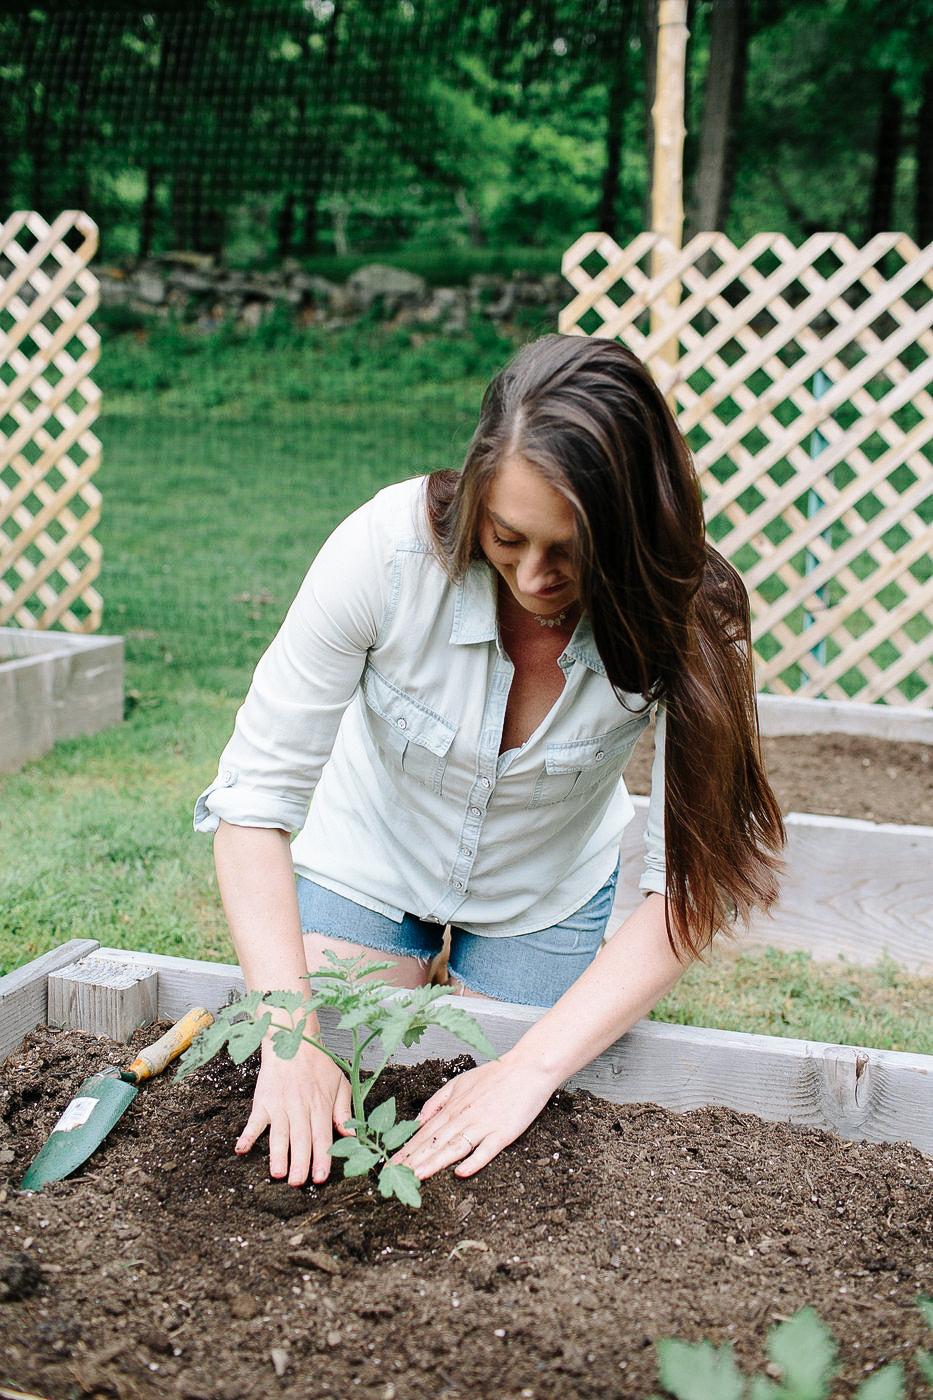 Christine Covino, Experienced gardener, sharing vegetable table garden tips